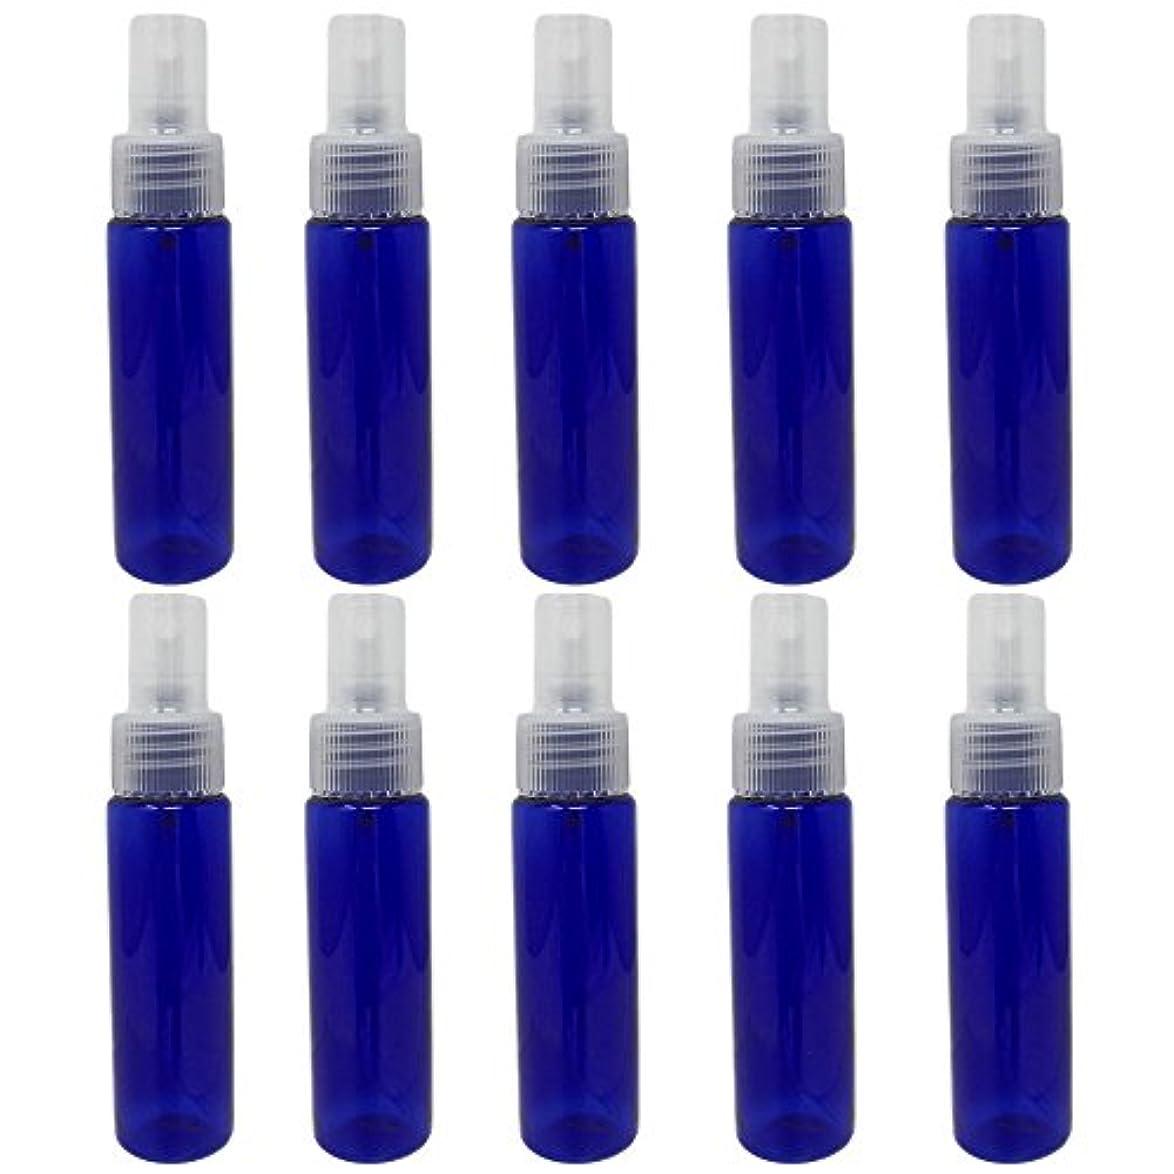 スライムプラスチック敬意を表して[pkpohs] スプレーボトル 霧吹き スプレー 小分け ボトル 保存容器 化粧水 コスメ 携帯用 (30ml/10本)